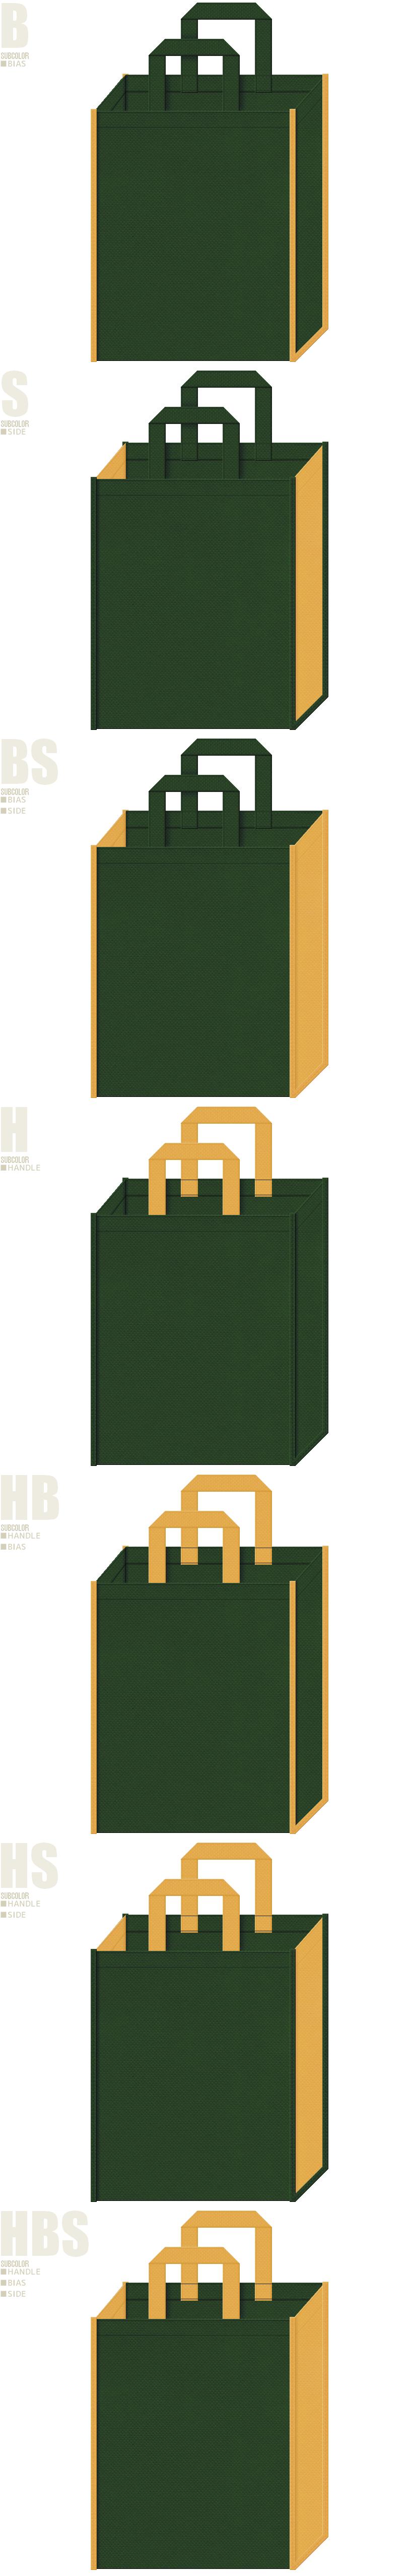 森・絵本・アウトドア・テント・キャンプ用品の展示会用バッグにお奨めの不織布バッグデザイン:濃緑色と黄土色の不織布バッグ配色7パターン。